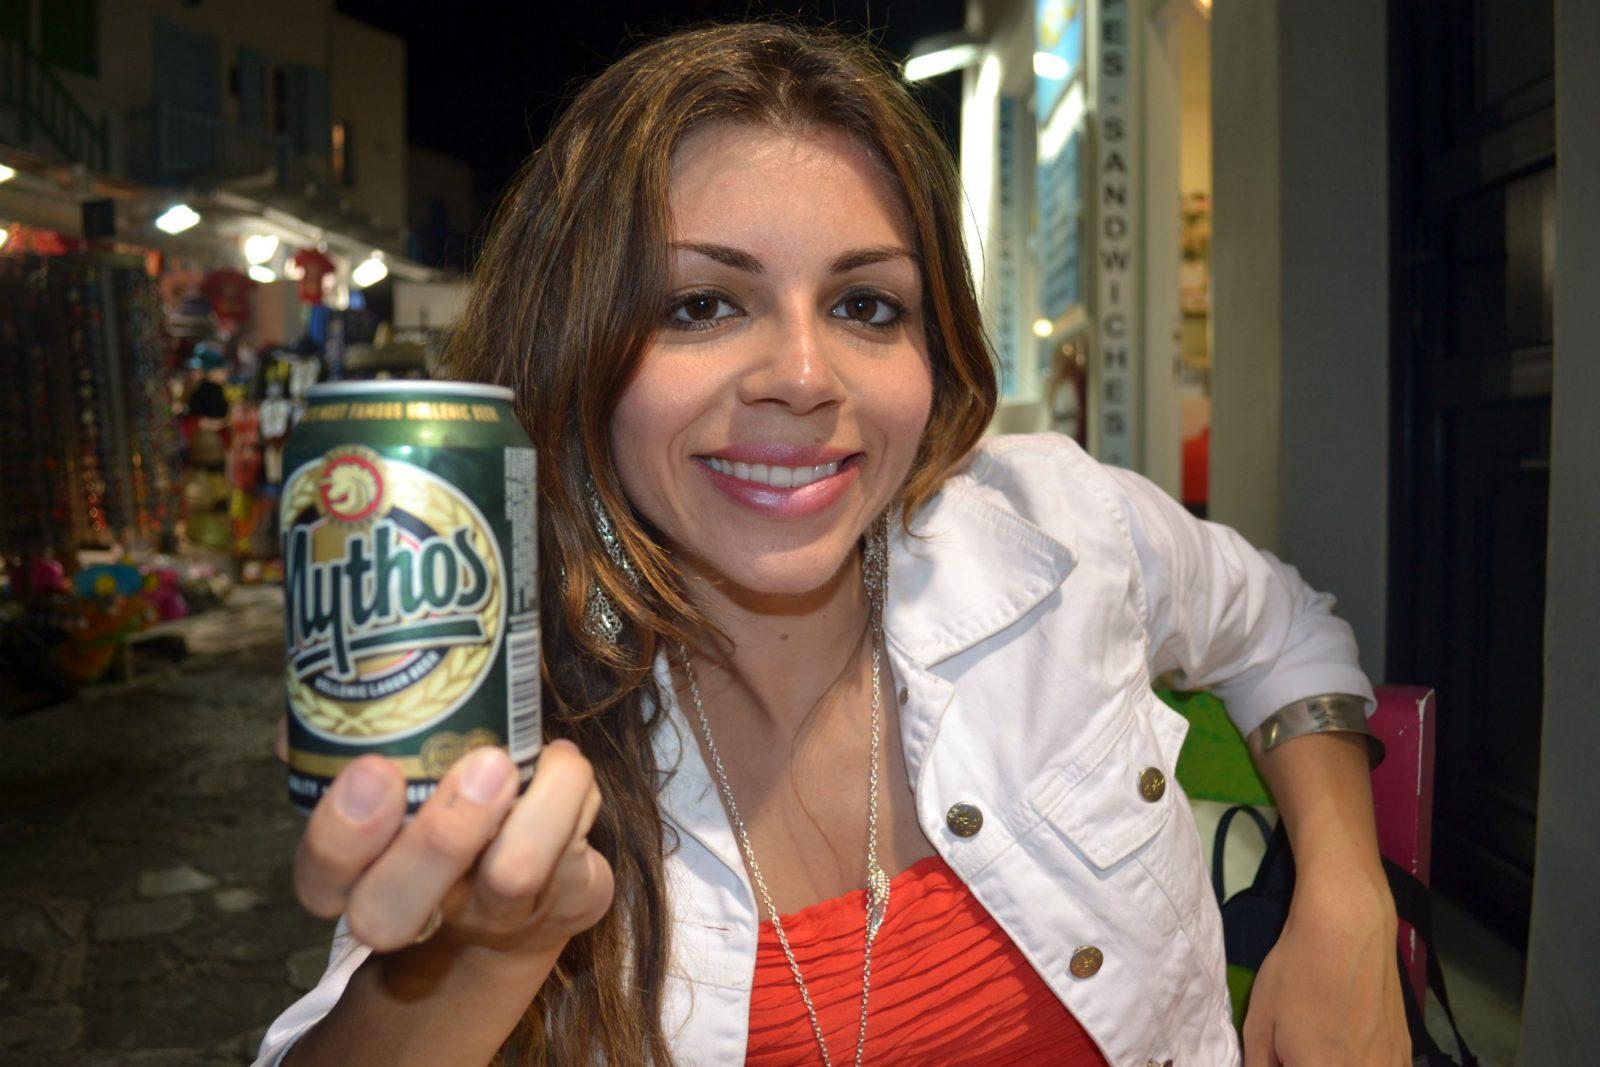 Um pequeno esquenta antes da balada com a cerveja grega Mythos